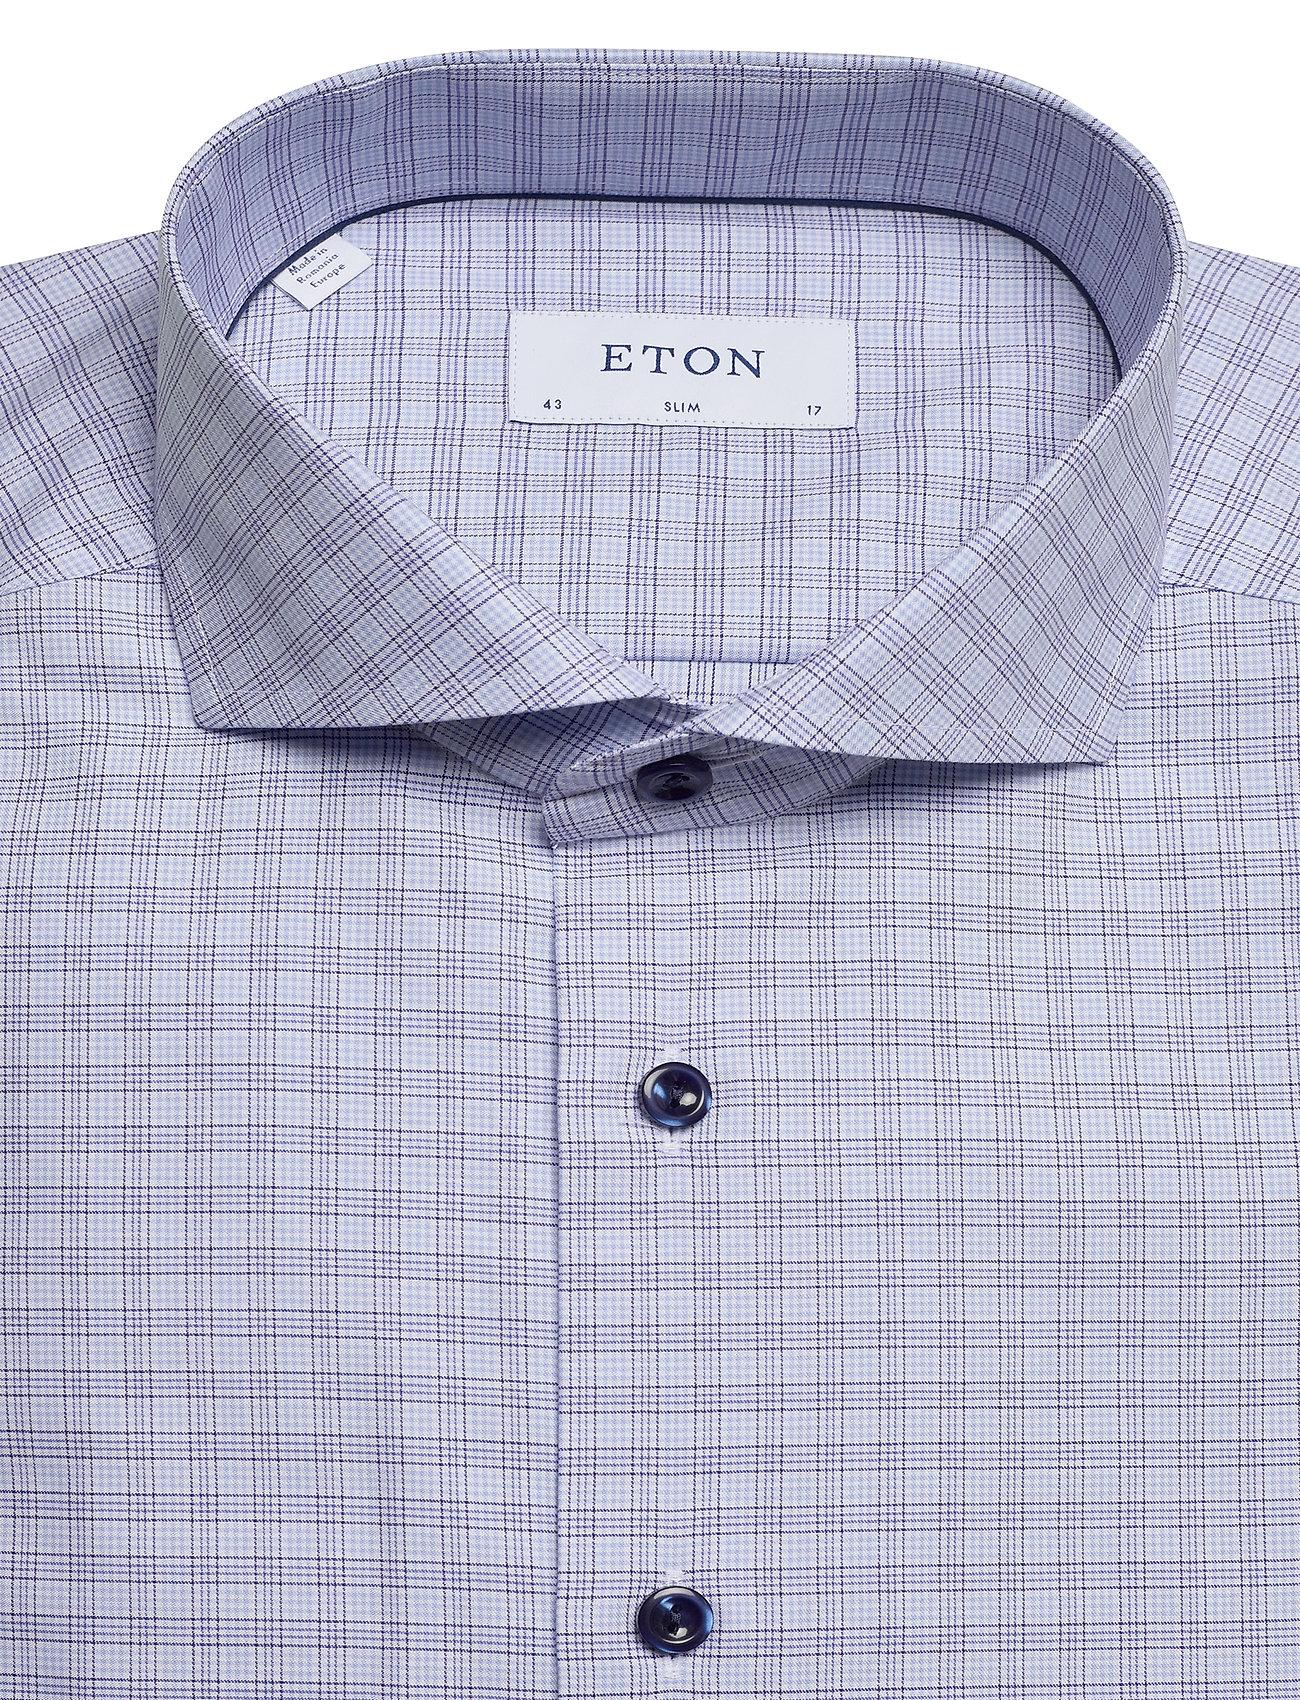 Eton Sky Blue & Navy Checked Twill Shirt - Skjorter BLUE - Menn Klær